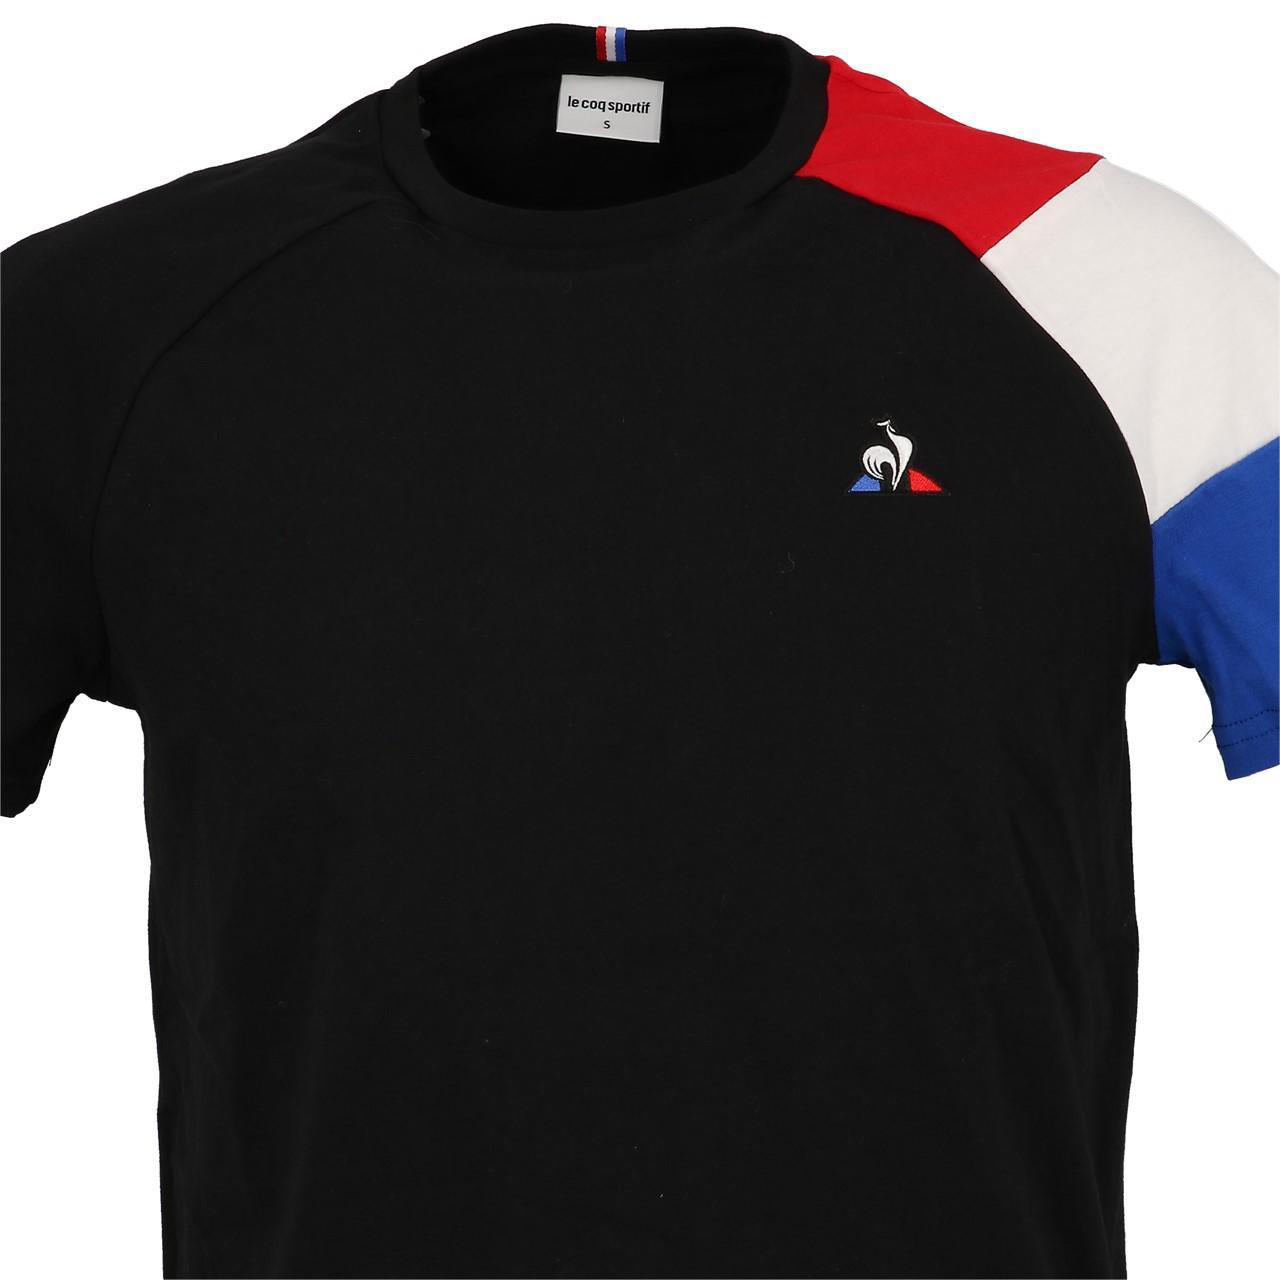 Short-Le-coq-sportif-Tricolor-Tee-H-Black-Black-40704-New thumbnail 2